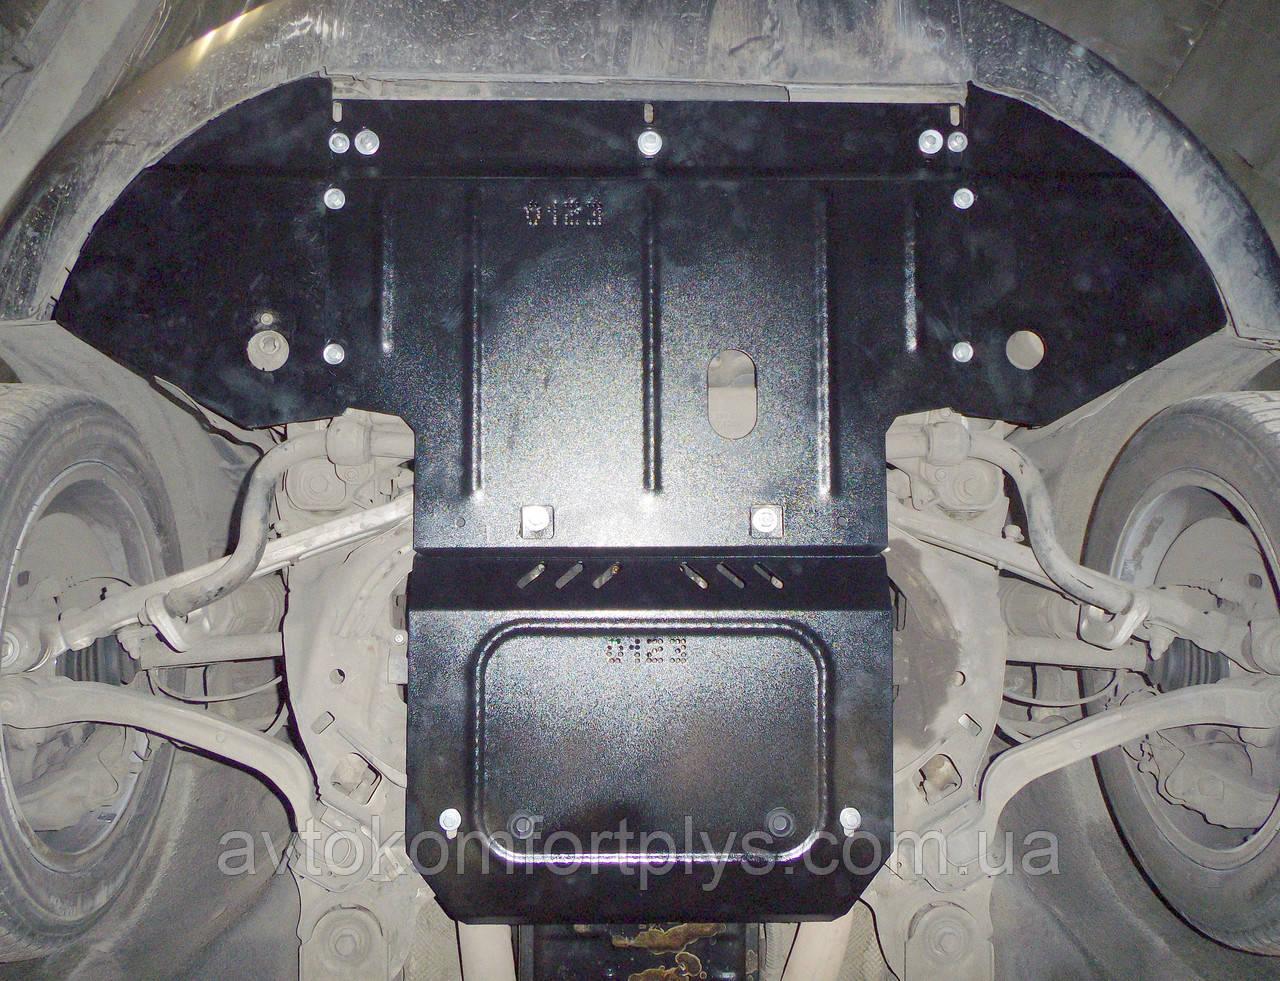 Металлическая (стальная) защита двигателя (картера) Audi A8 (2002-2010) (V-3,2-4,2i)